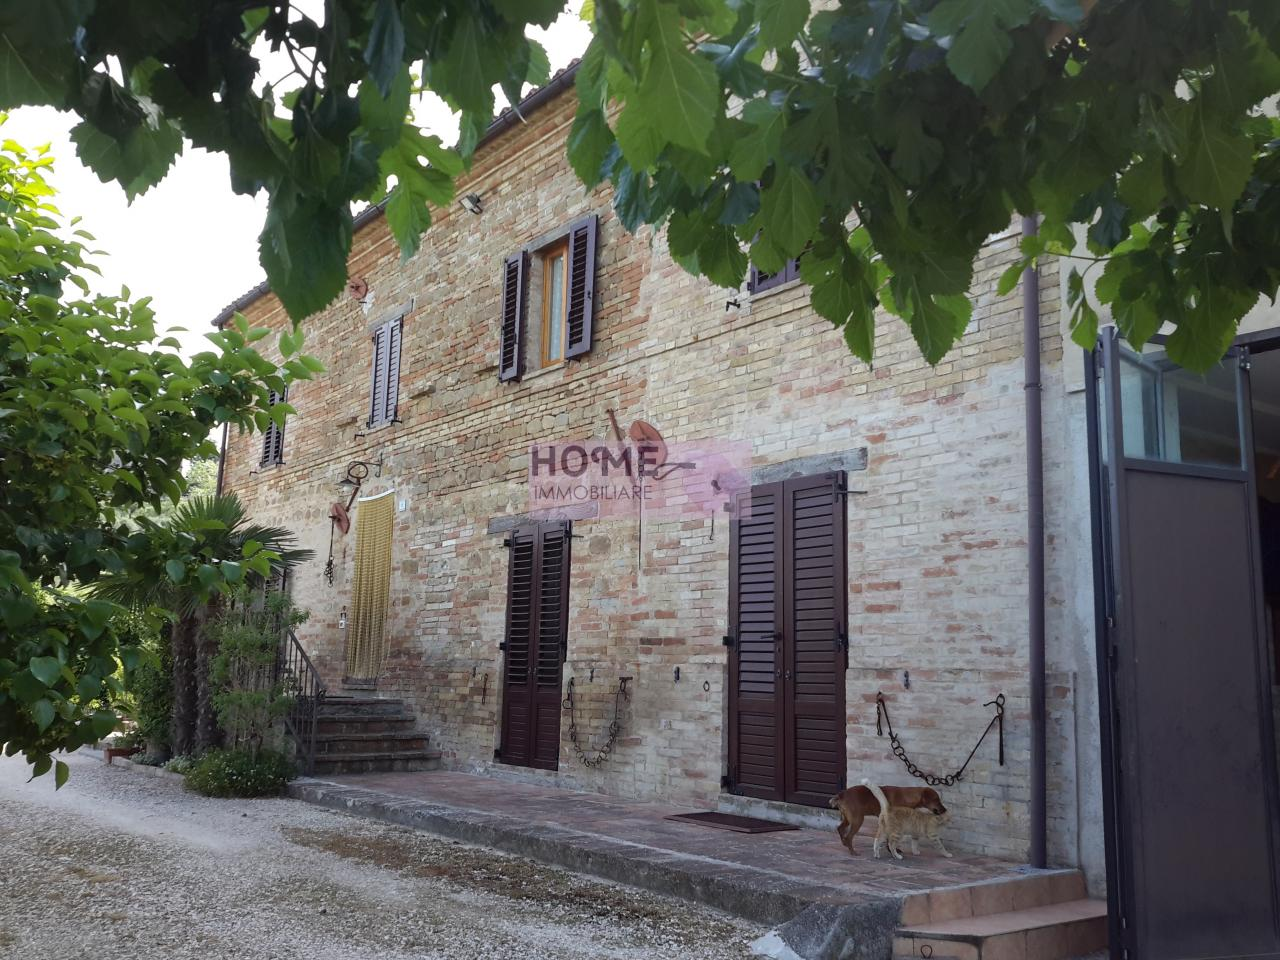 Soluzione Indipendente in vendita a Colmurano, 10 locali, Trattative riservate | CambioCasa.it